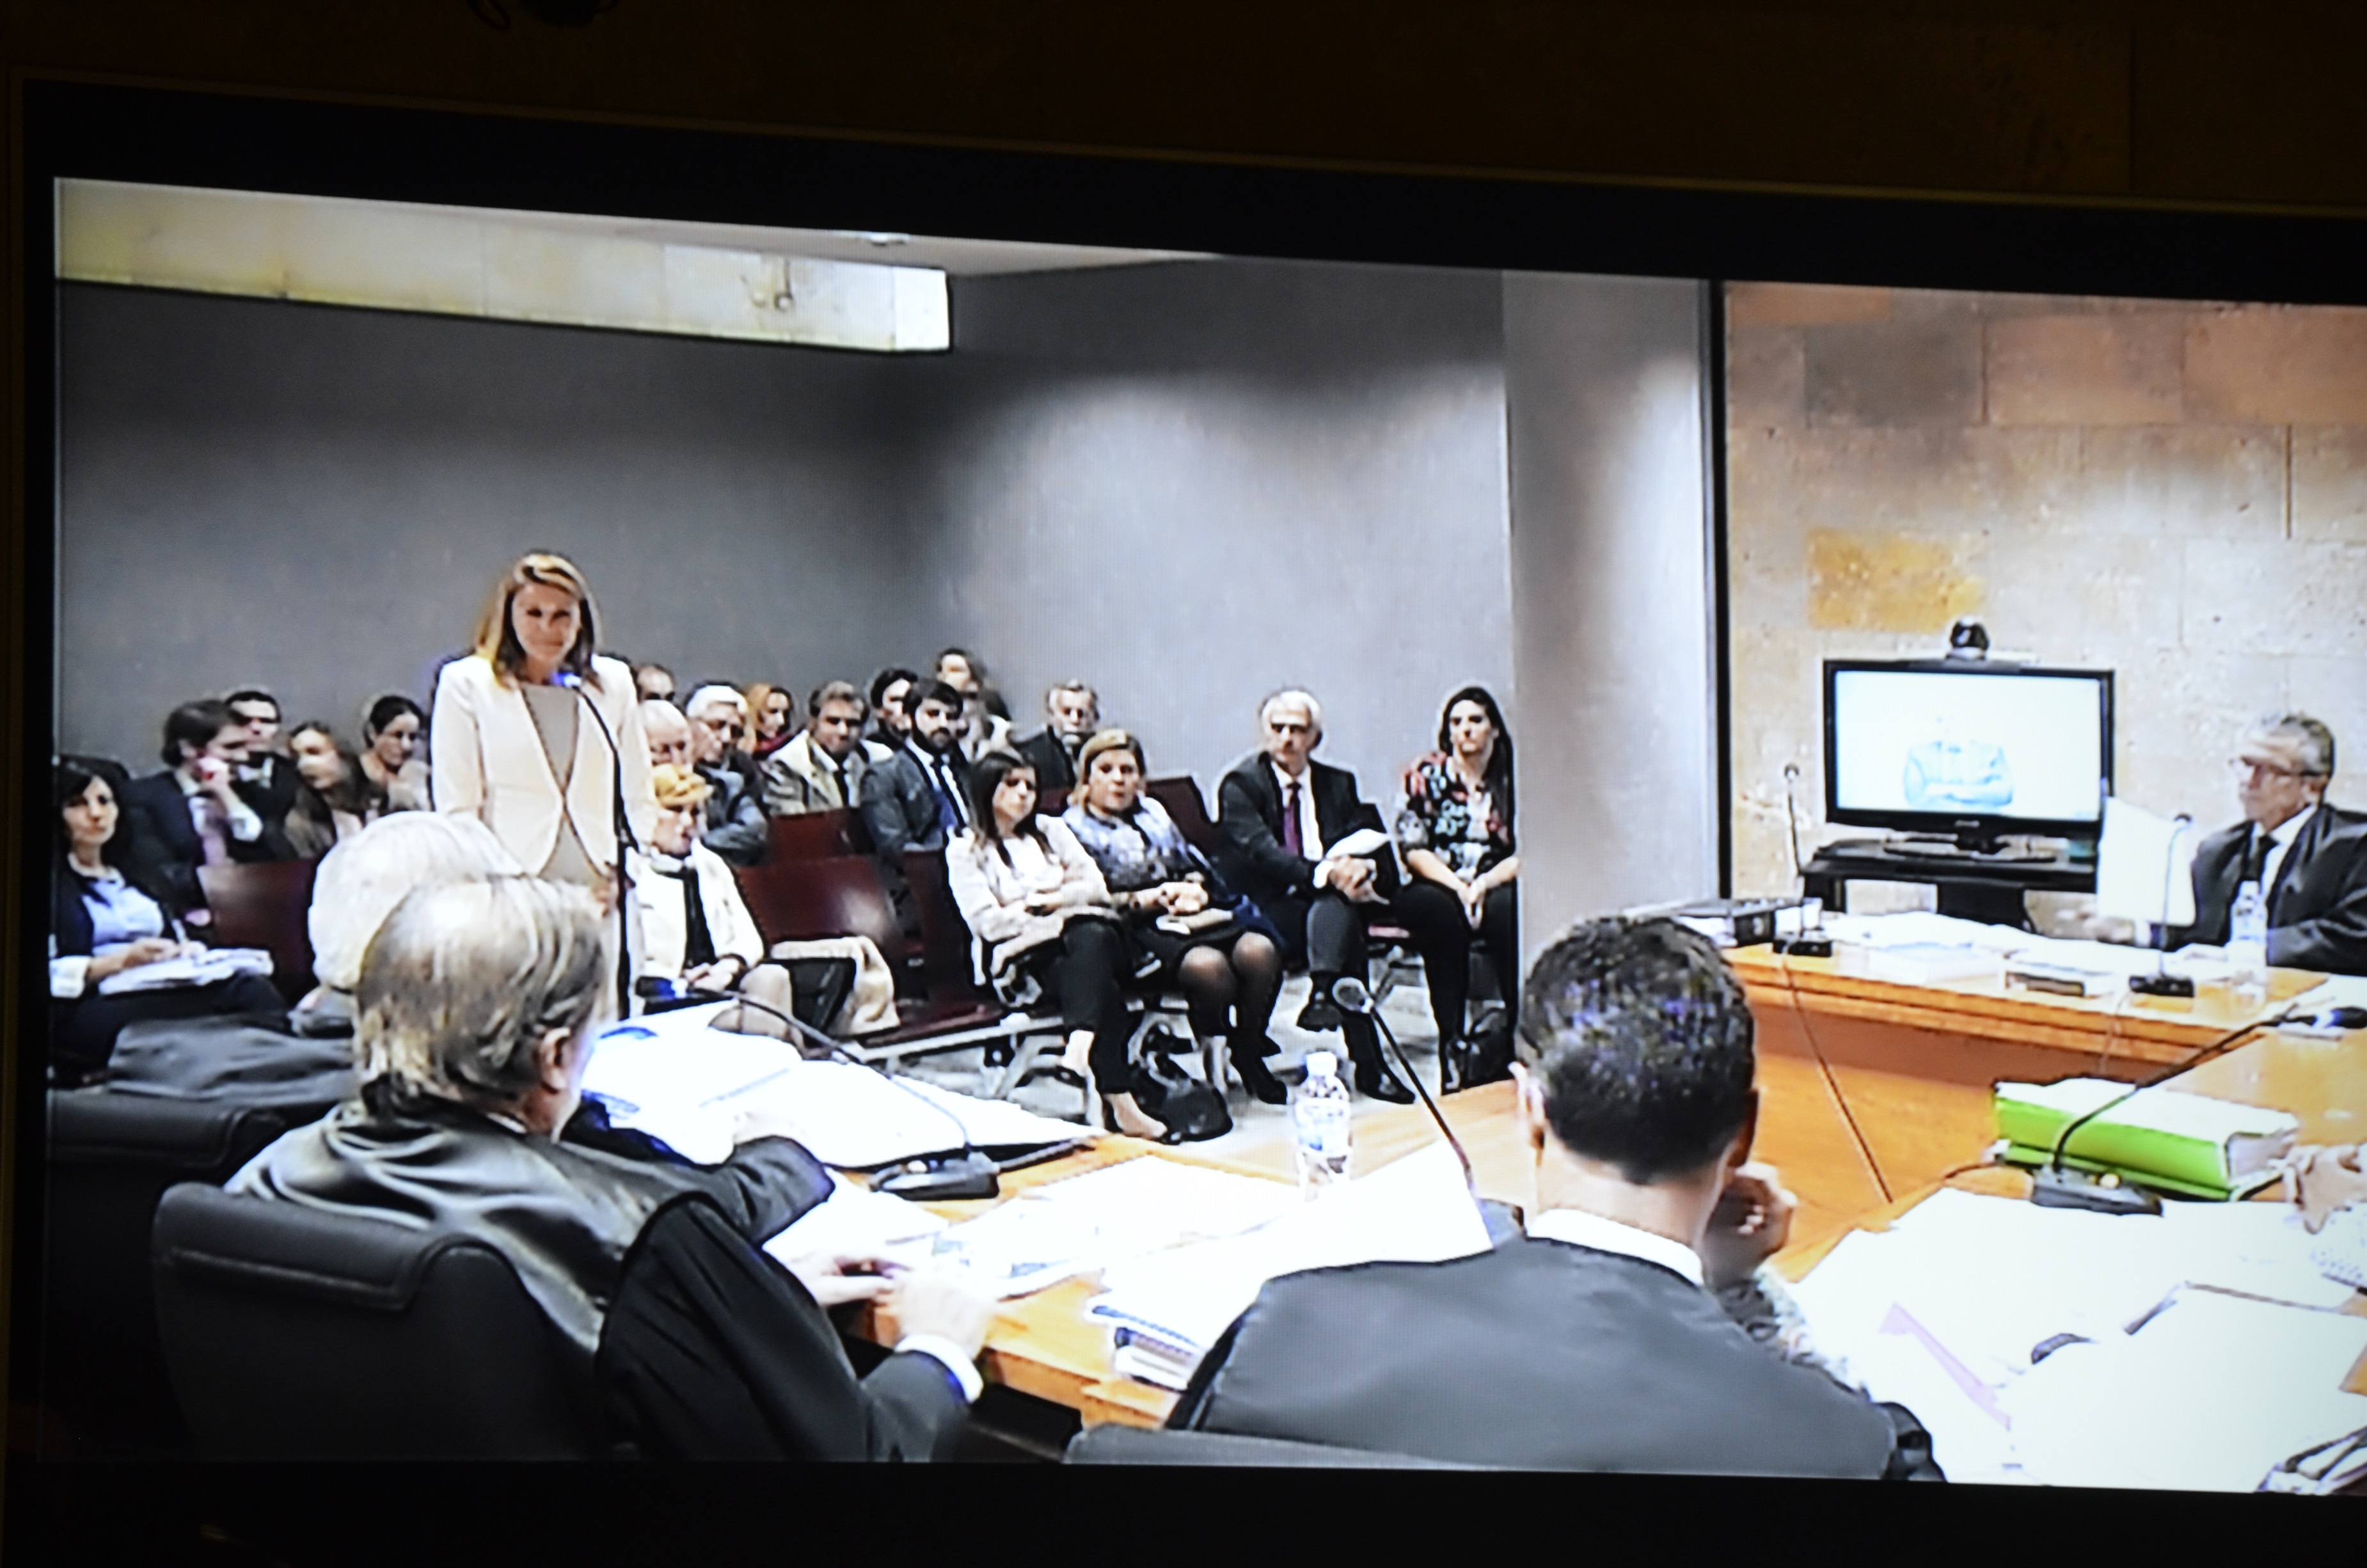 El PSOE juzga «escalofriante» el relato sobre reparto de sobresueldos que ha hecho Bárcenas ante Cospedal